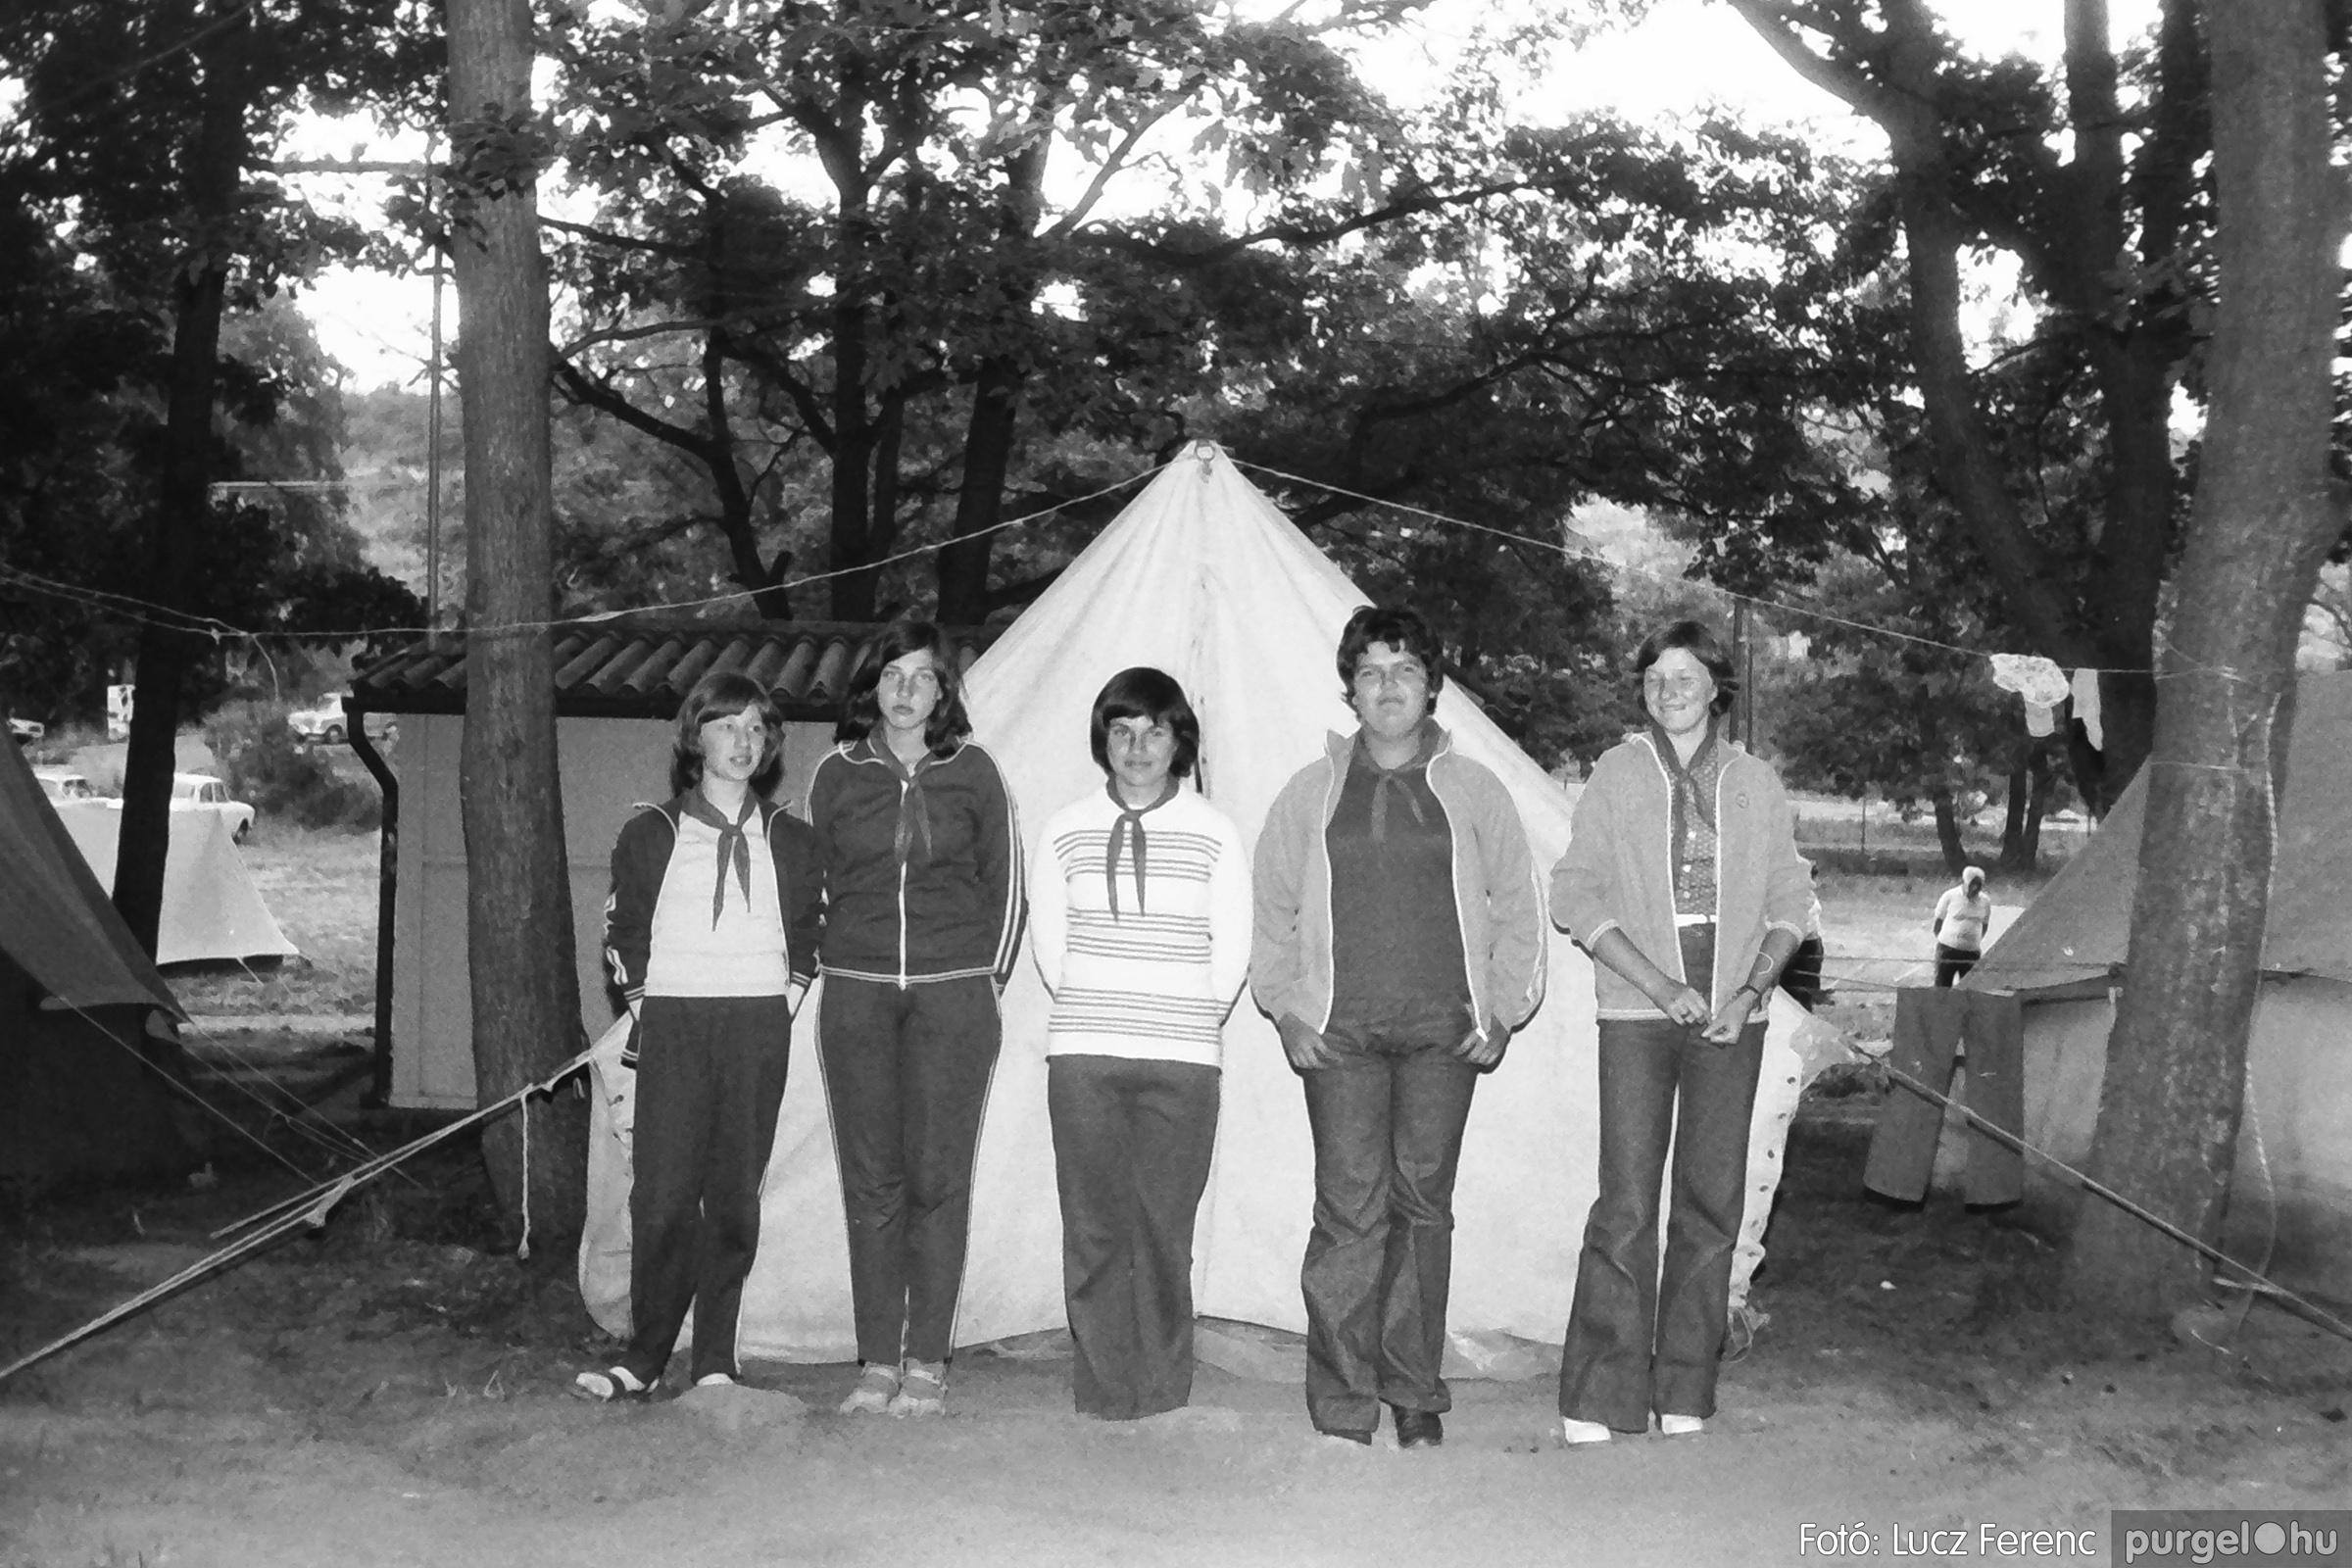 086, 088. 1977. Nyári tábor a Mátrában 047. - Fotó: Lucz Ferenc.jpg